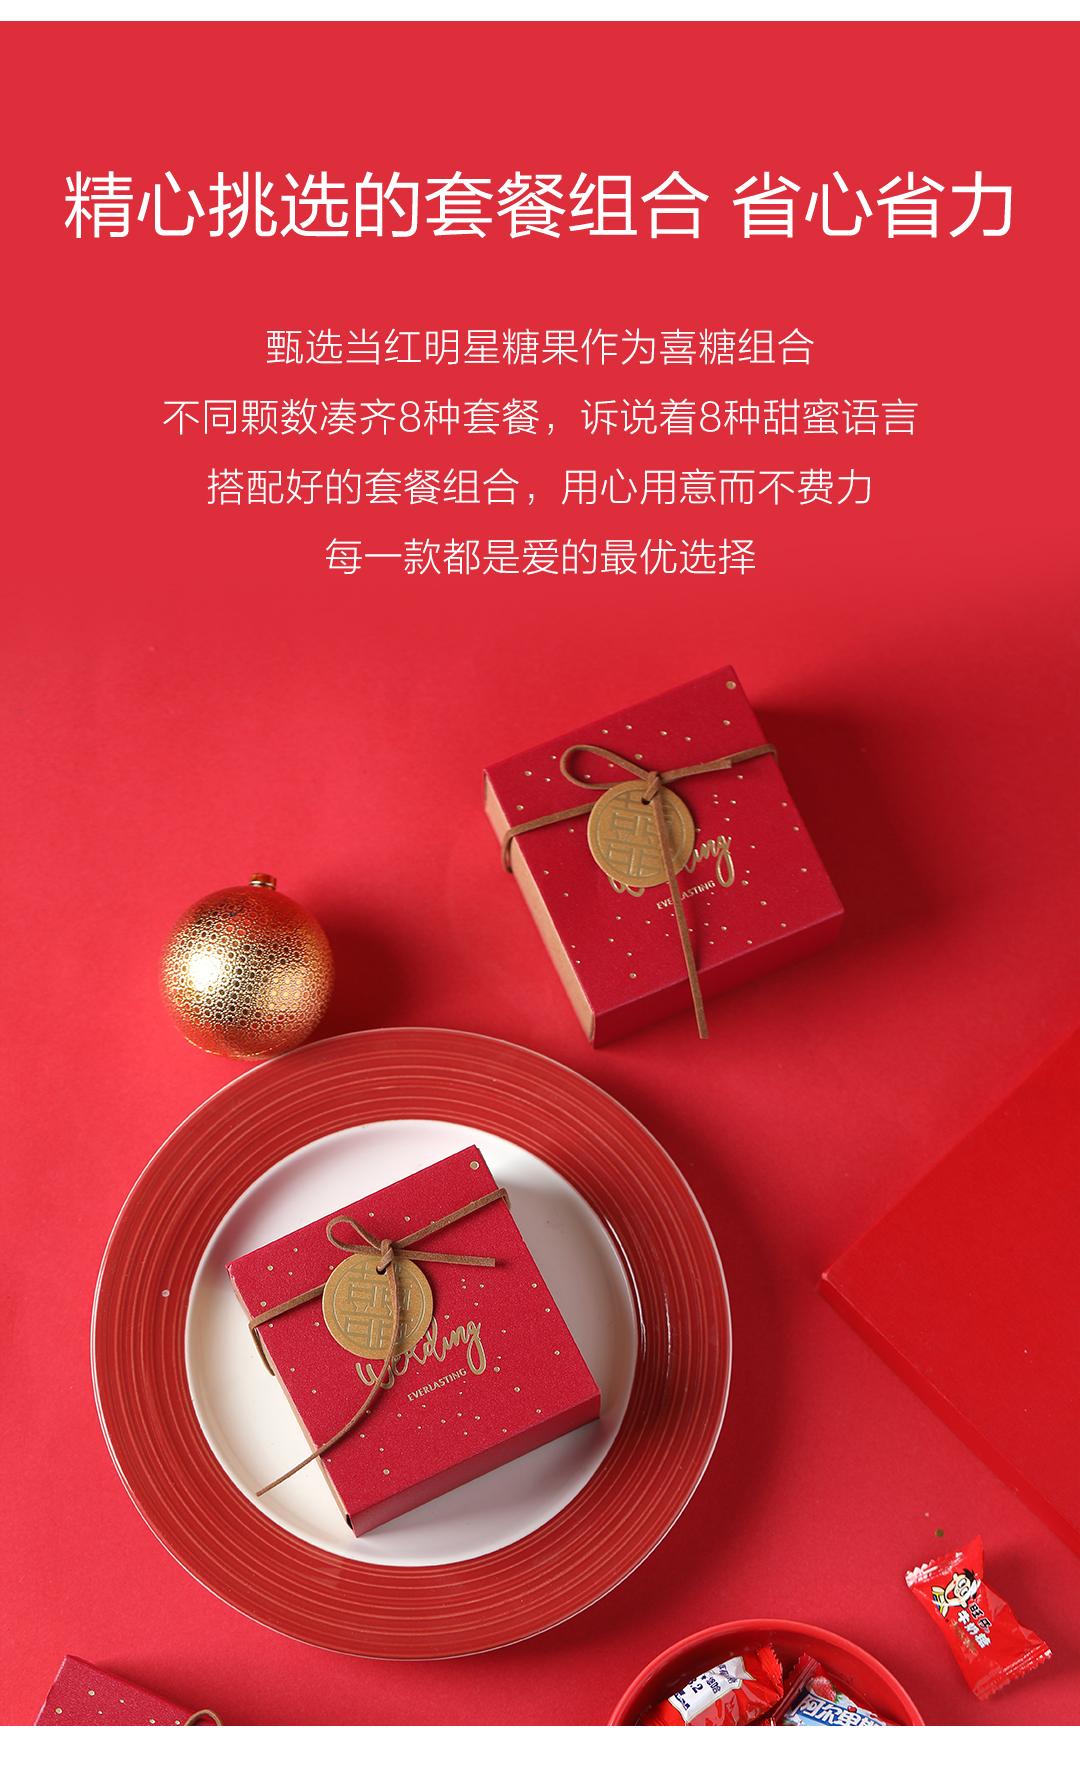 【预售5天】中式爱之经典小方盒成品喜糖(含糖)